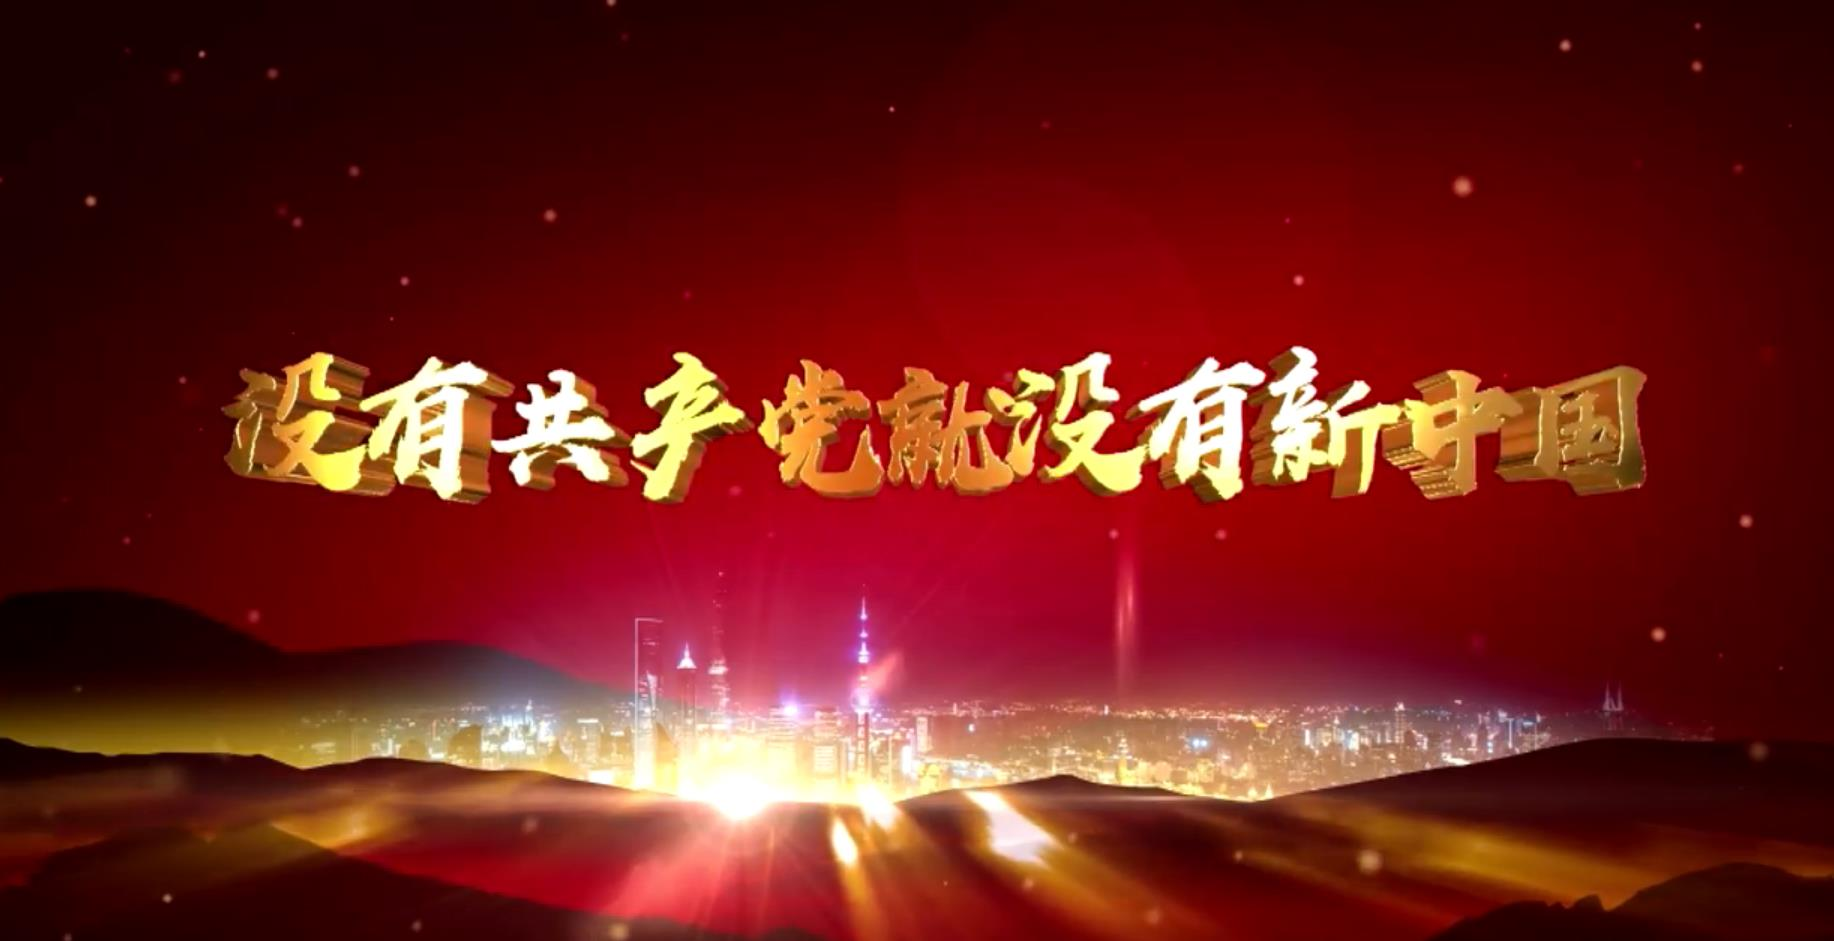 【微视频】今天,让我们再次唱响《没有共产党就没有新中国》